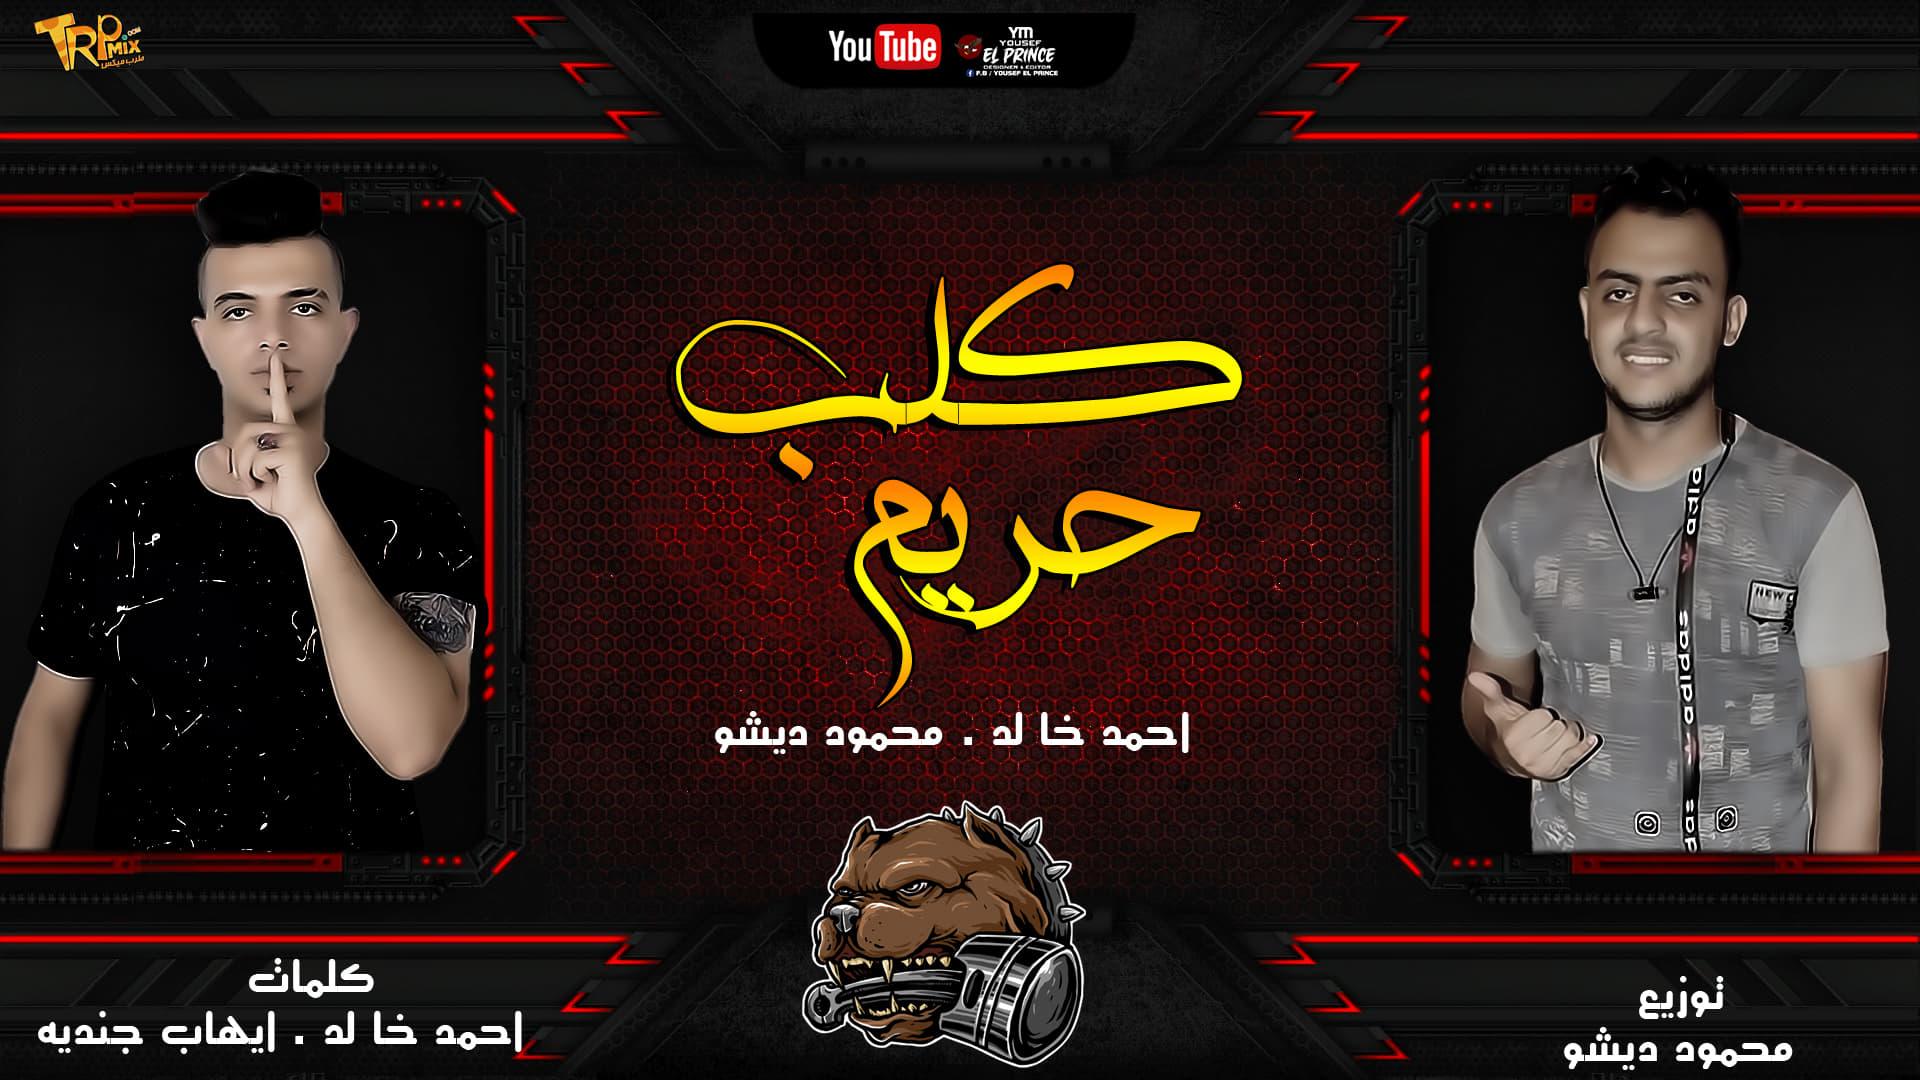 مهرجان كلب حريم غناء محمود ديشو - احمد خالد - توزيع محمود ديشو 2020